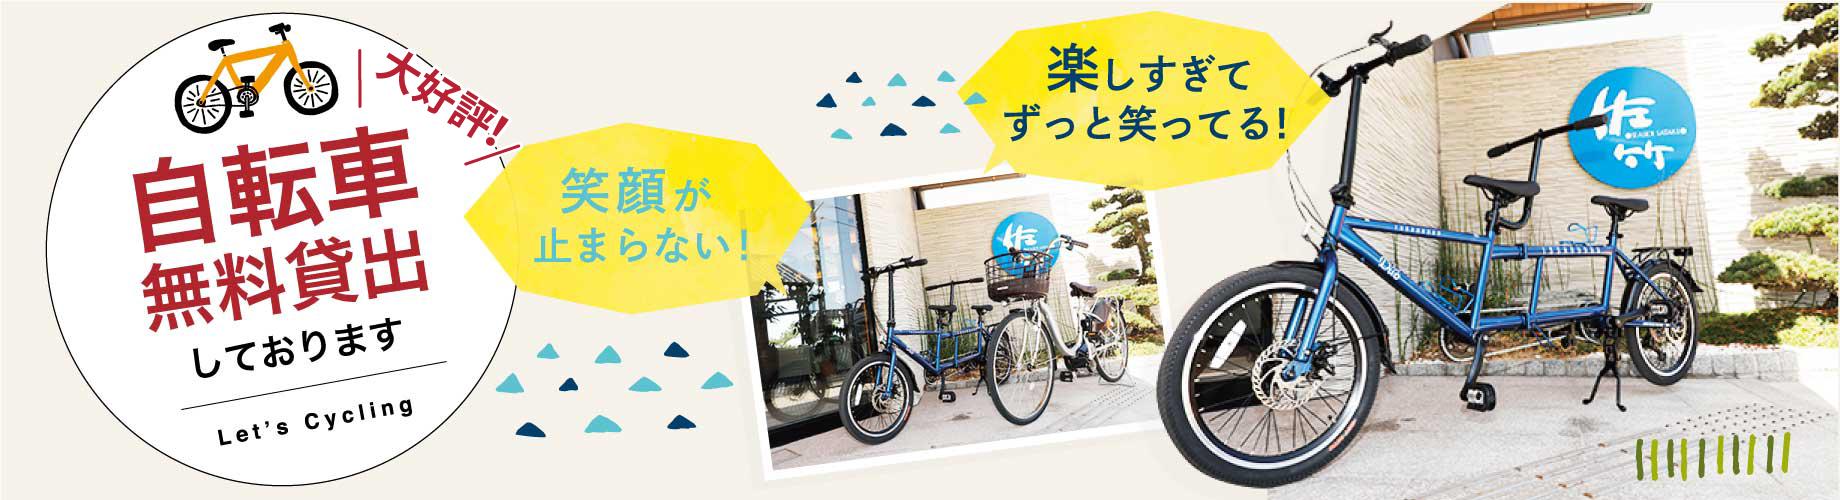 自転車無料貸し出しバナー